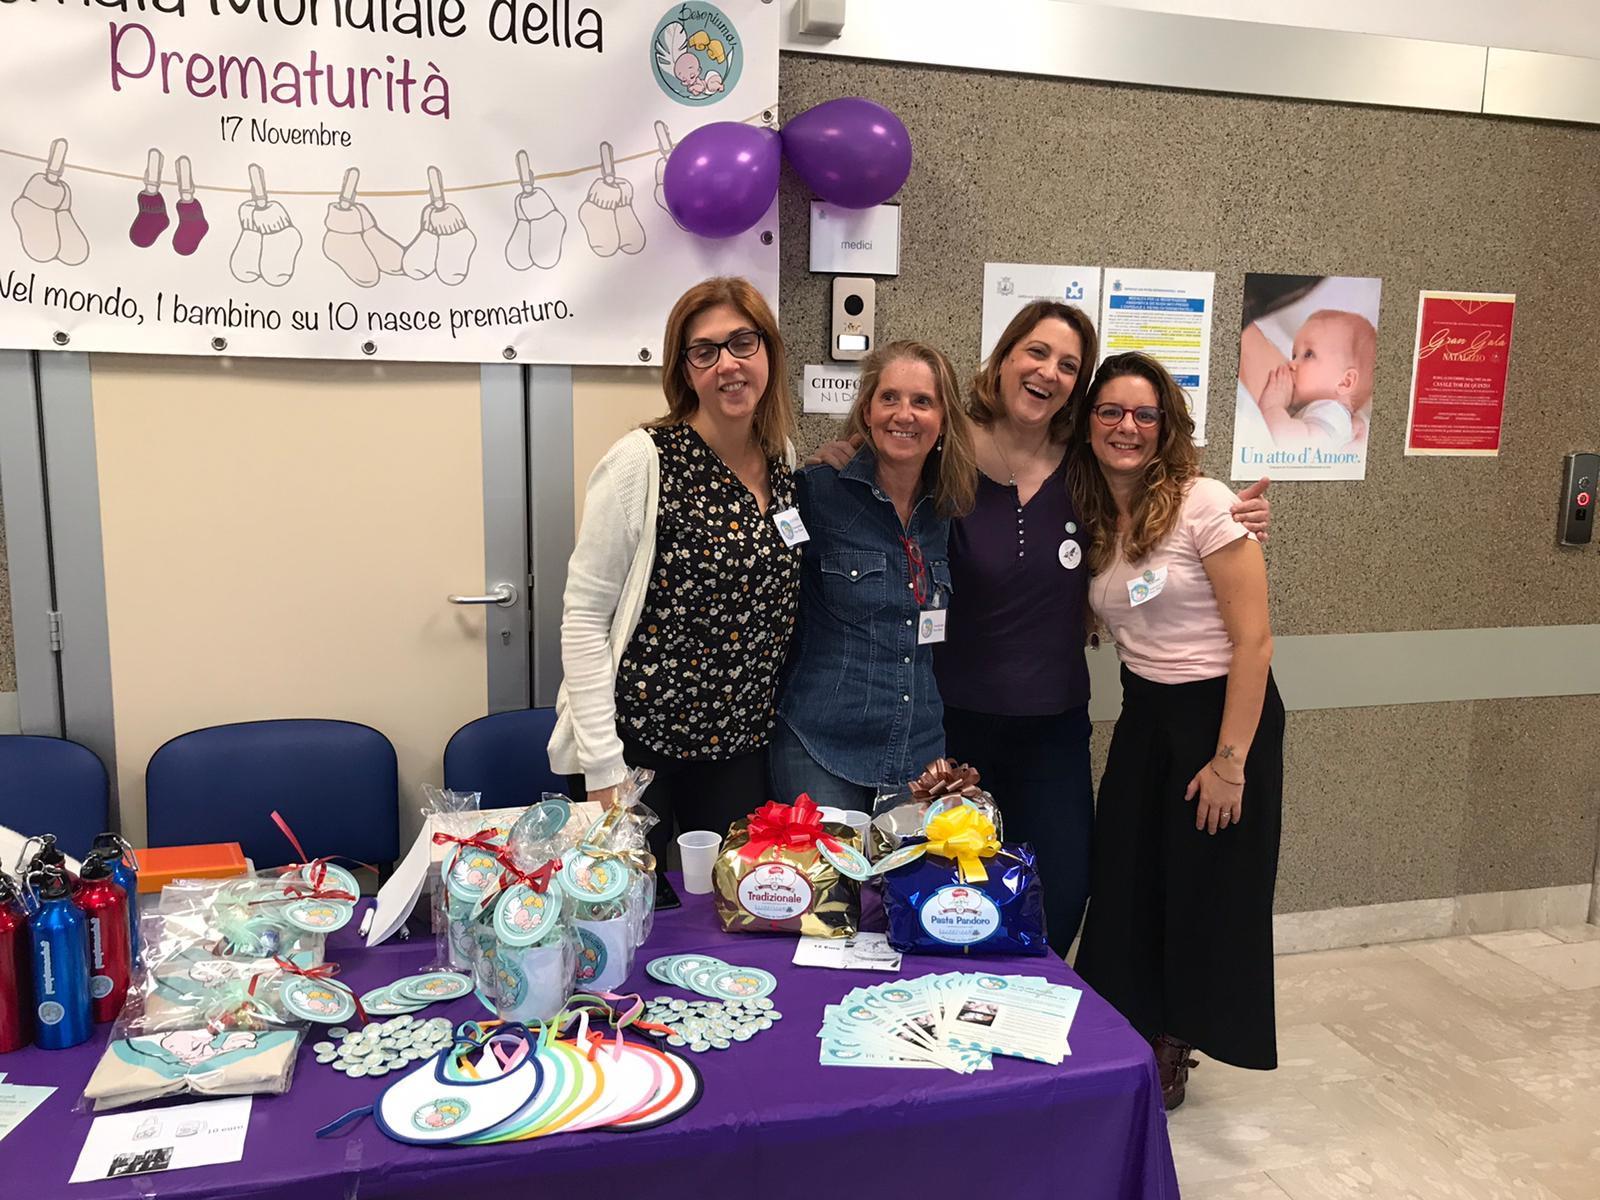 Giornata Mondiale del prematuro, la nostra festa al S.Pietro FBF di Roma